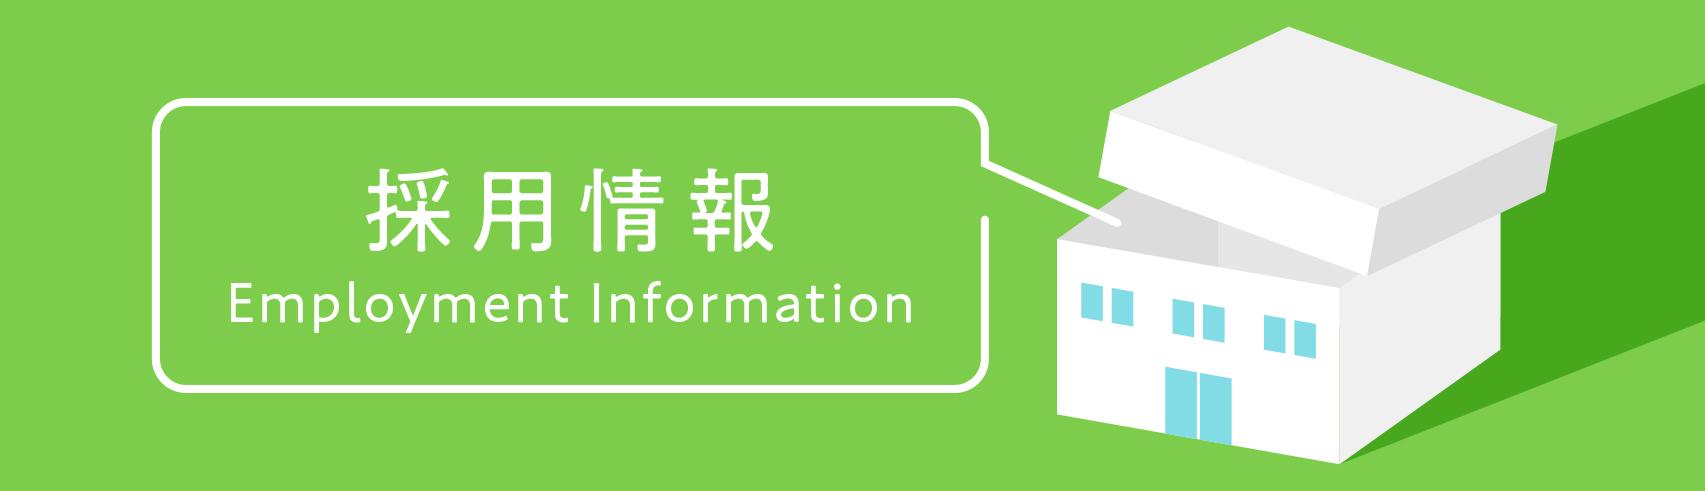 採用情報 Employment Infomation